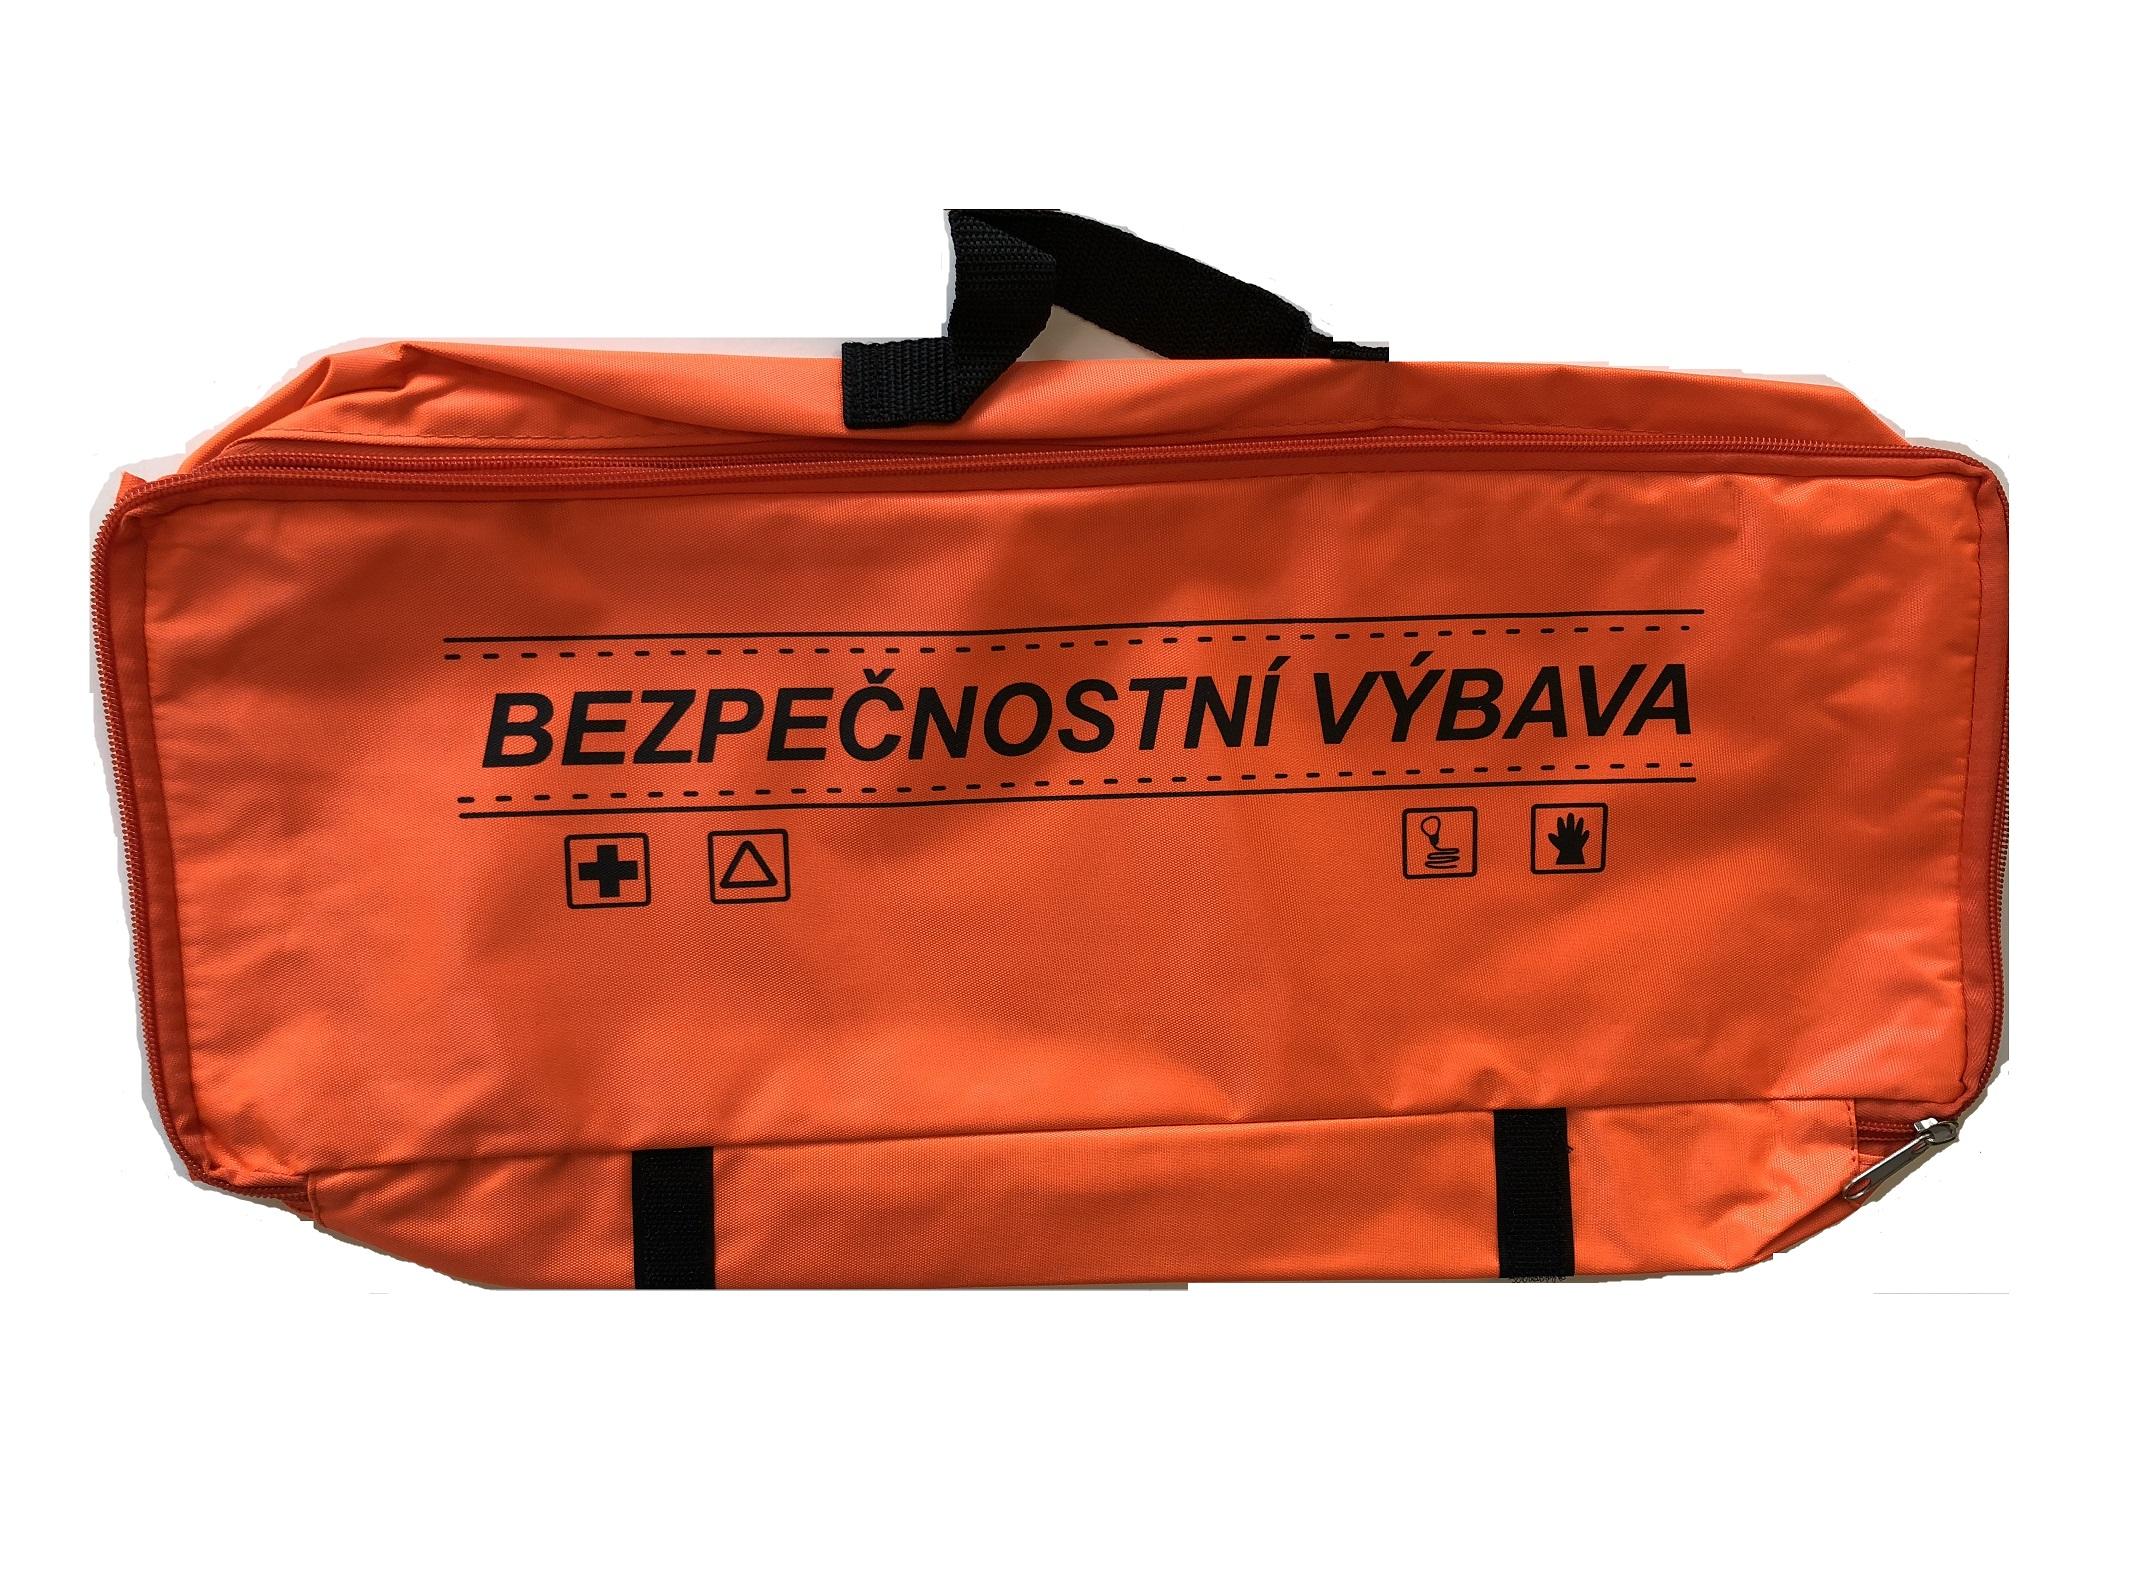 Textilní obal pro soupravu s povinnou výbavou, oranžový